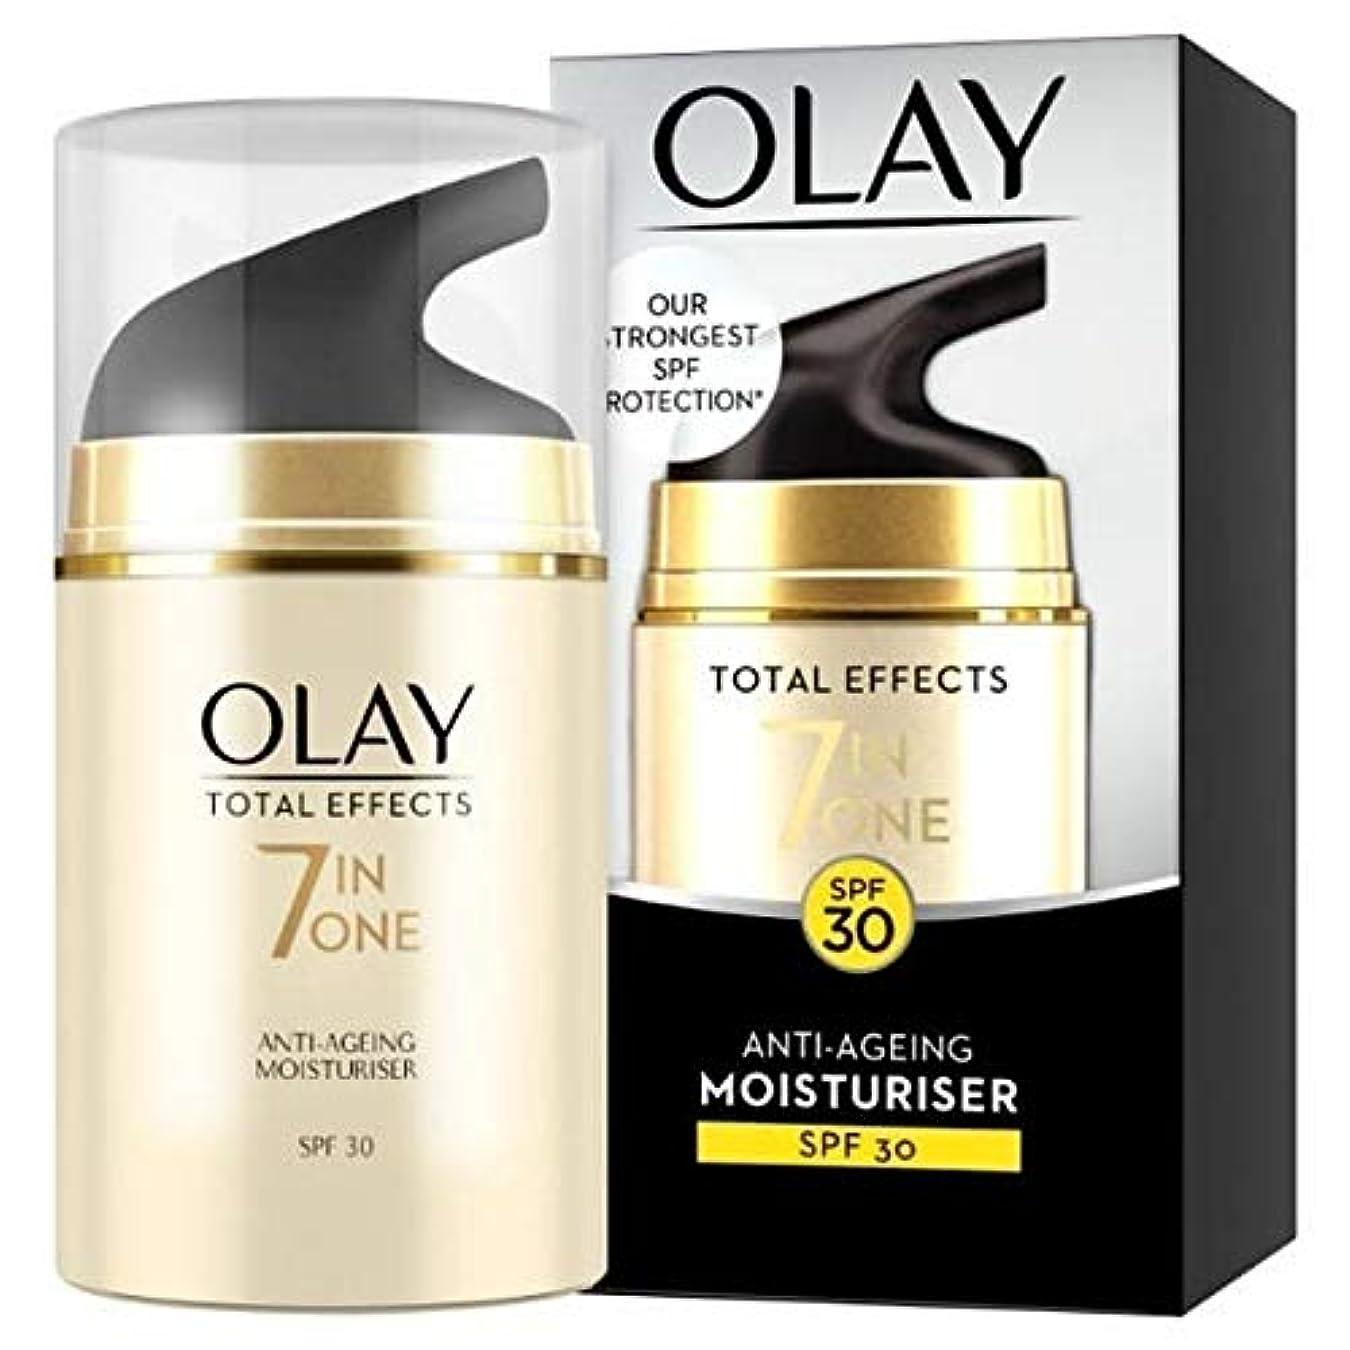 エントリギャザーギャラリー[Olay ] オーレイ総効果保湿Spf 30 50Mlの - Olay Total Effects Moisturiser SPF 30, 50 ml [並行輸入品]